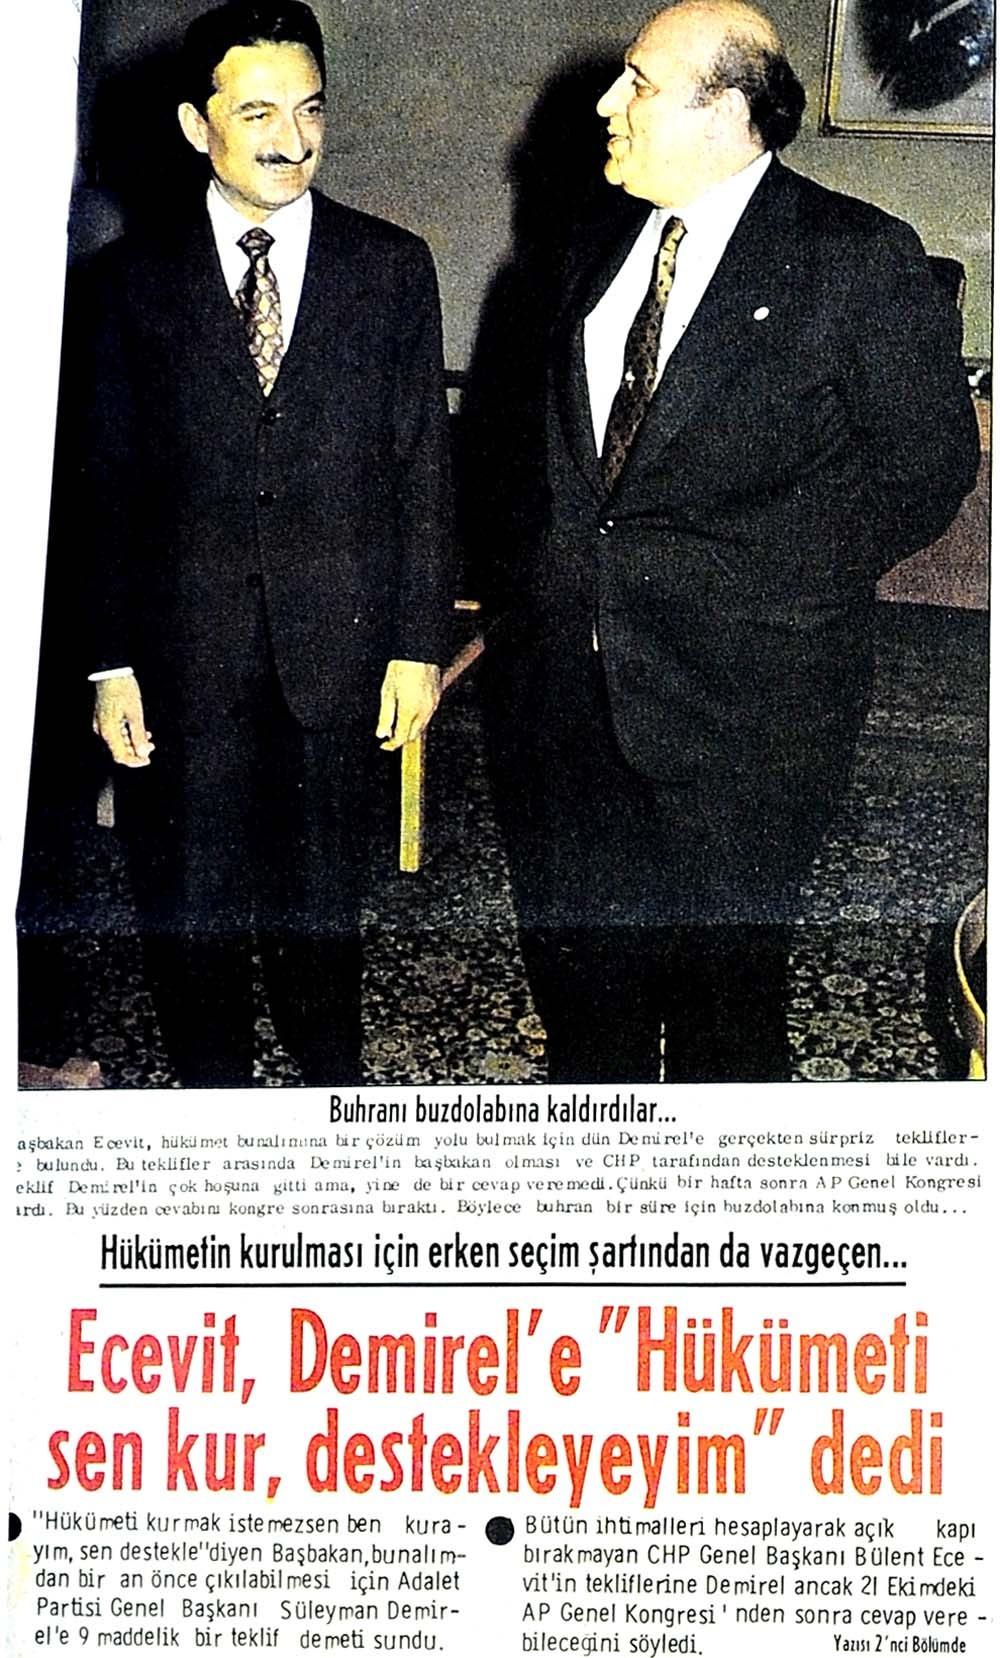 """Ecevit, Demirel'e """"Hükümeti sen kur, destekleyeyim"""" dedi"""